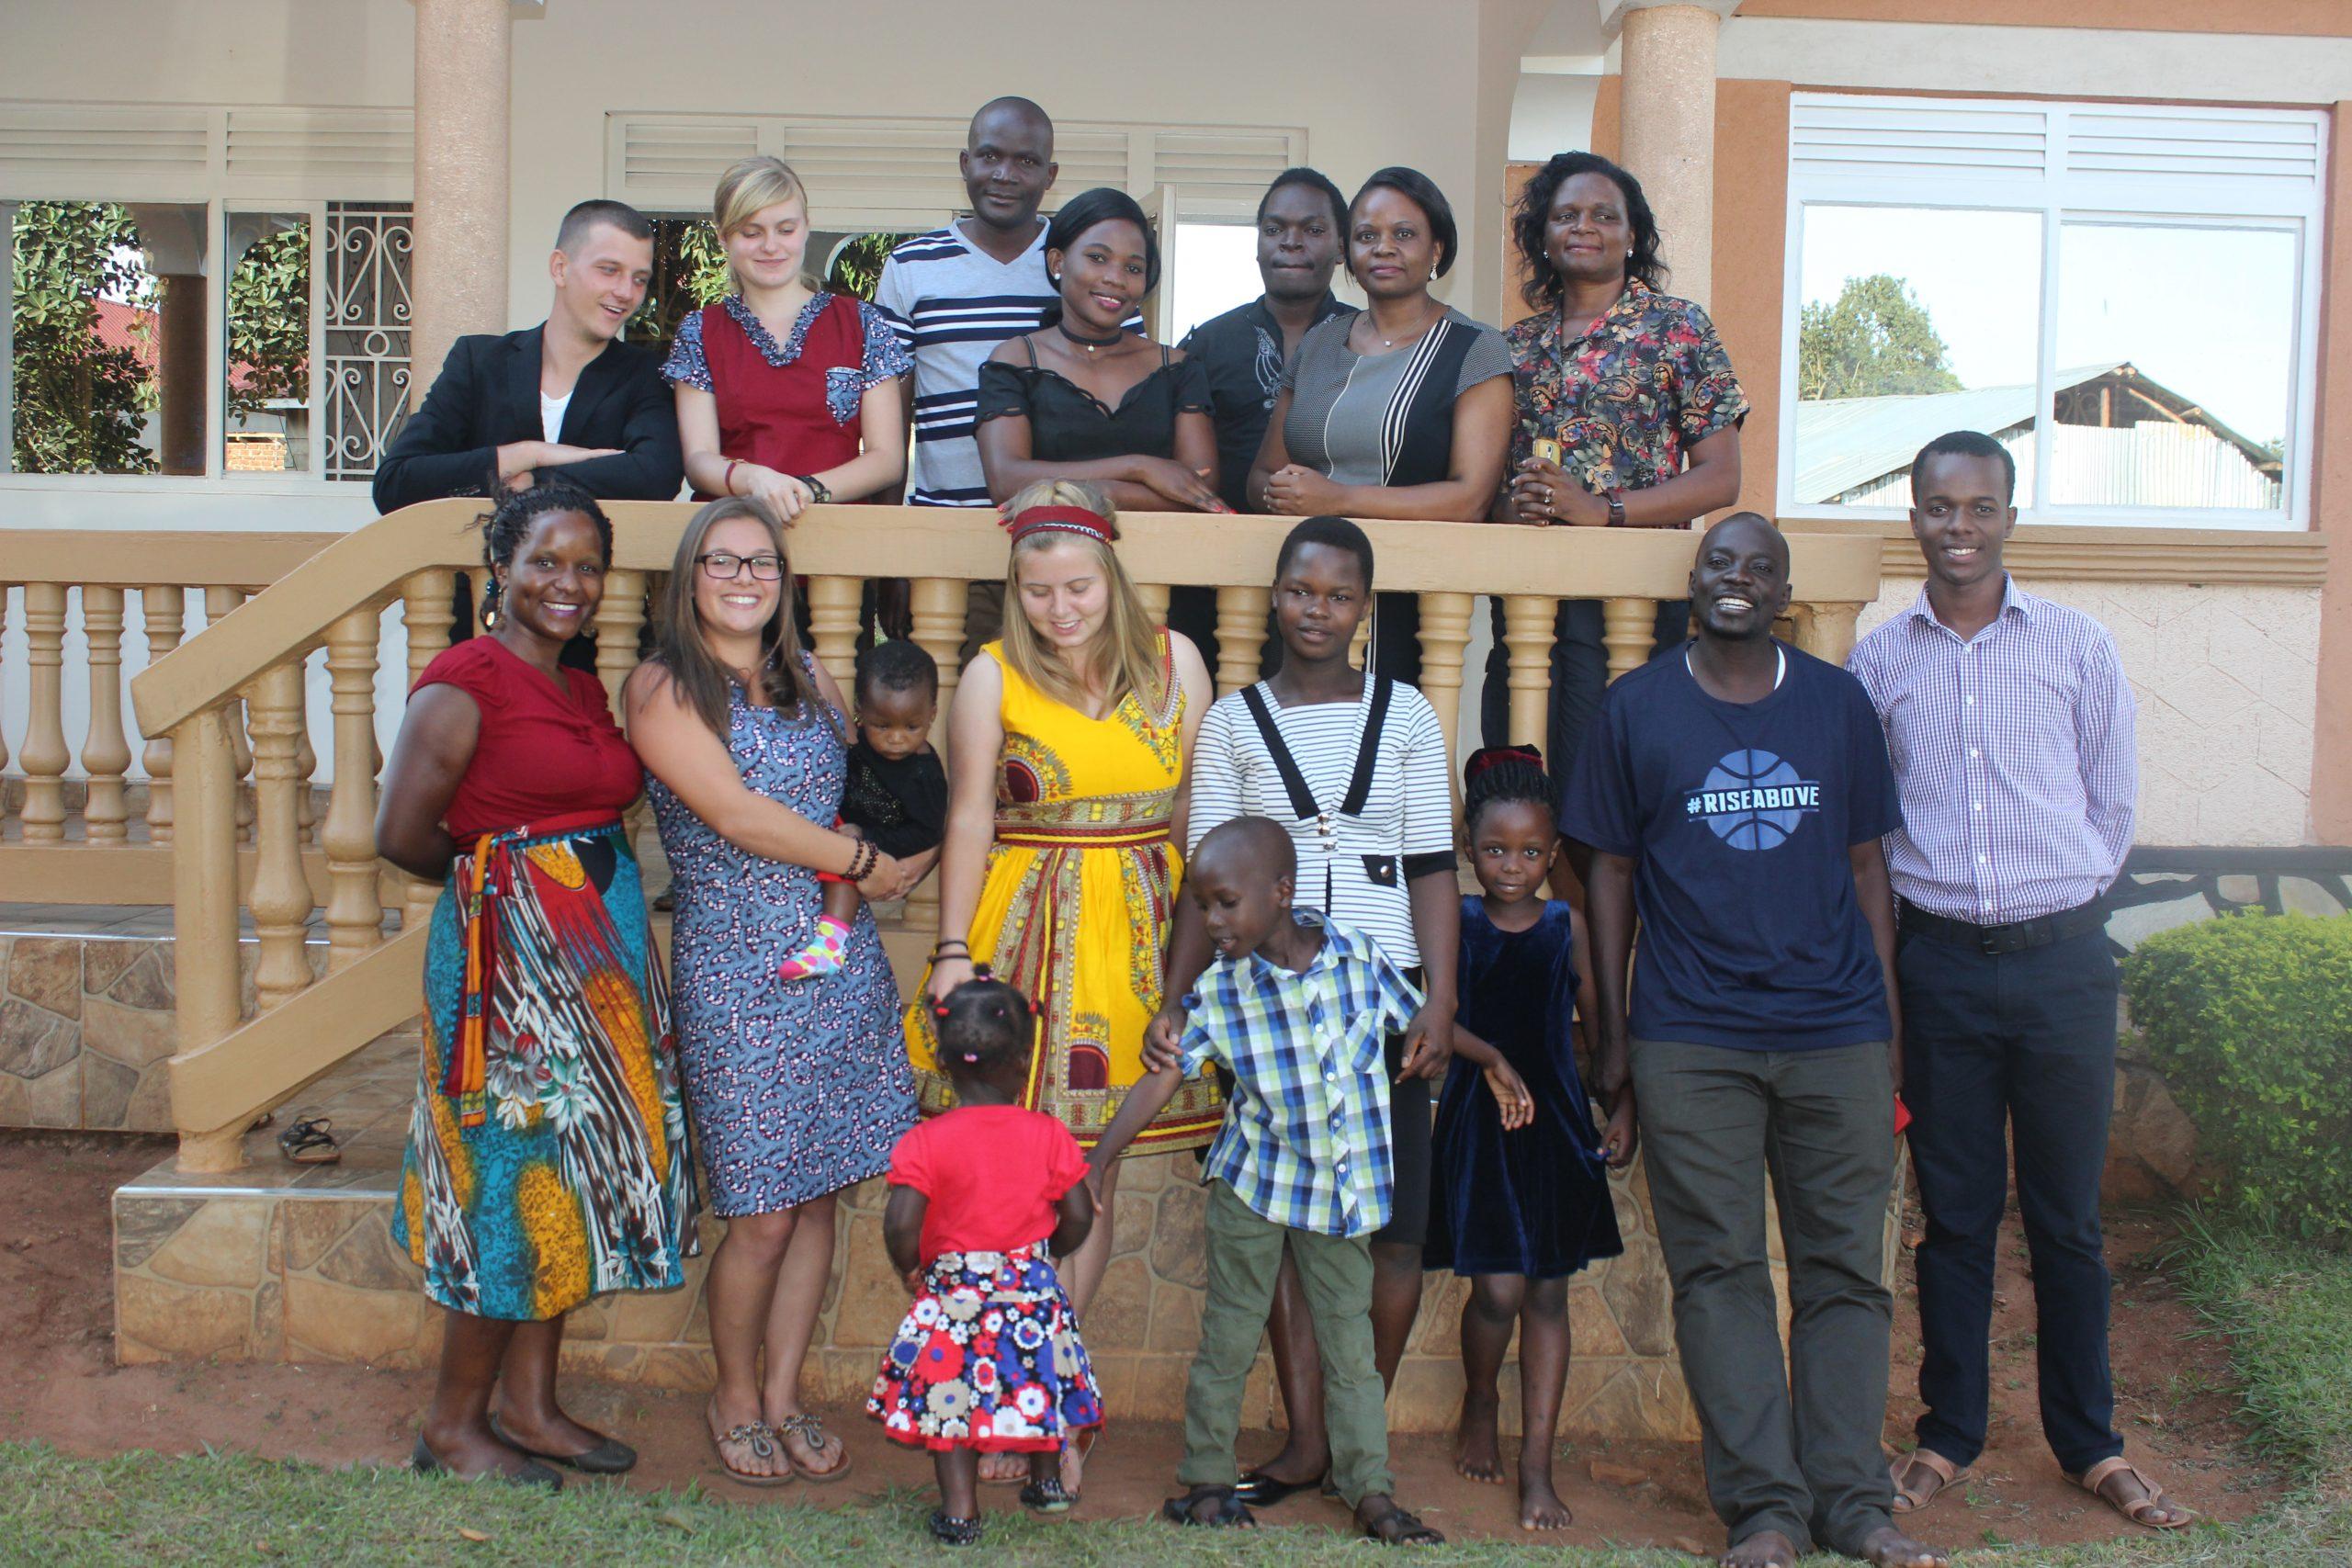 Gruppenfoto mit Familien 2. Generation